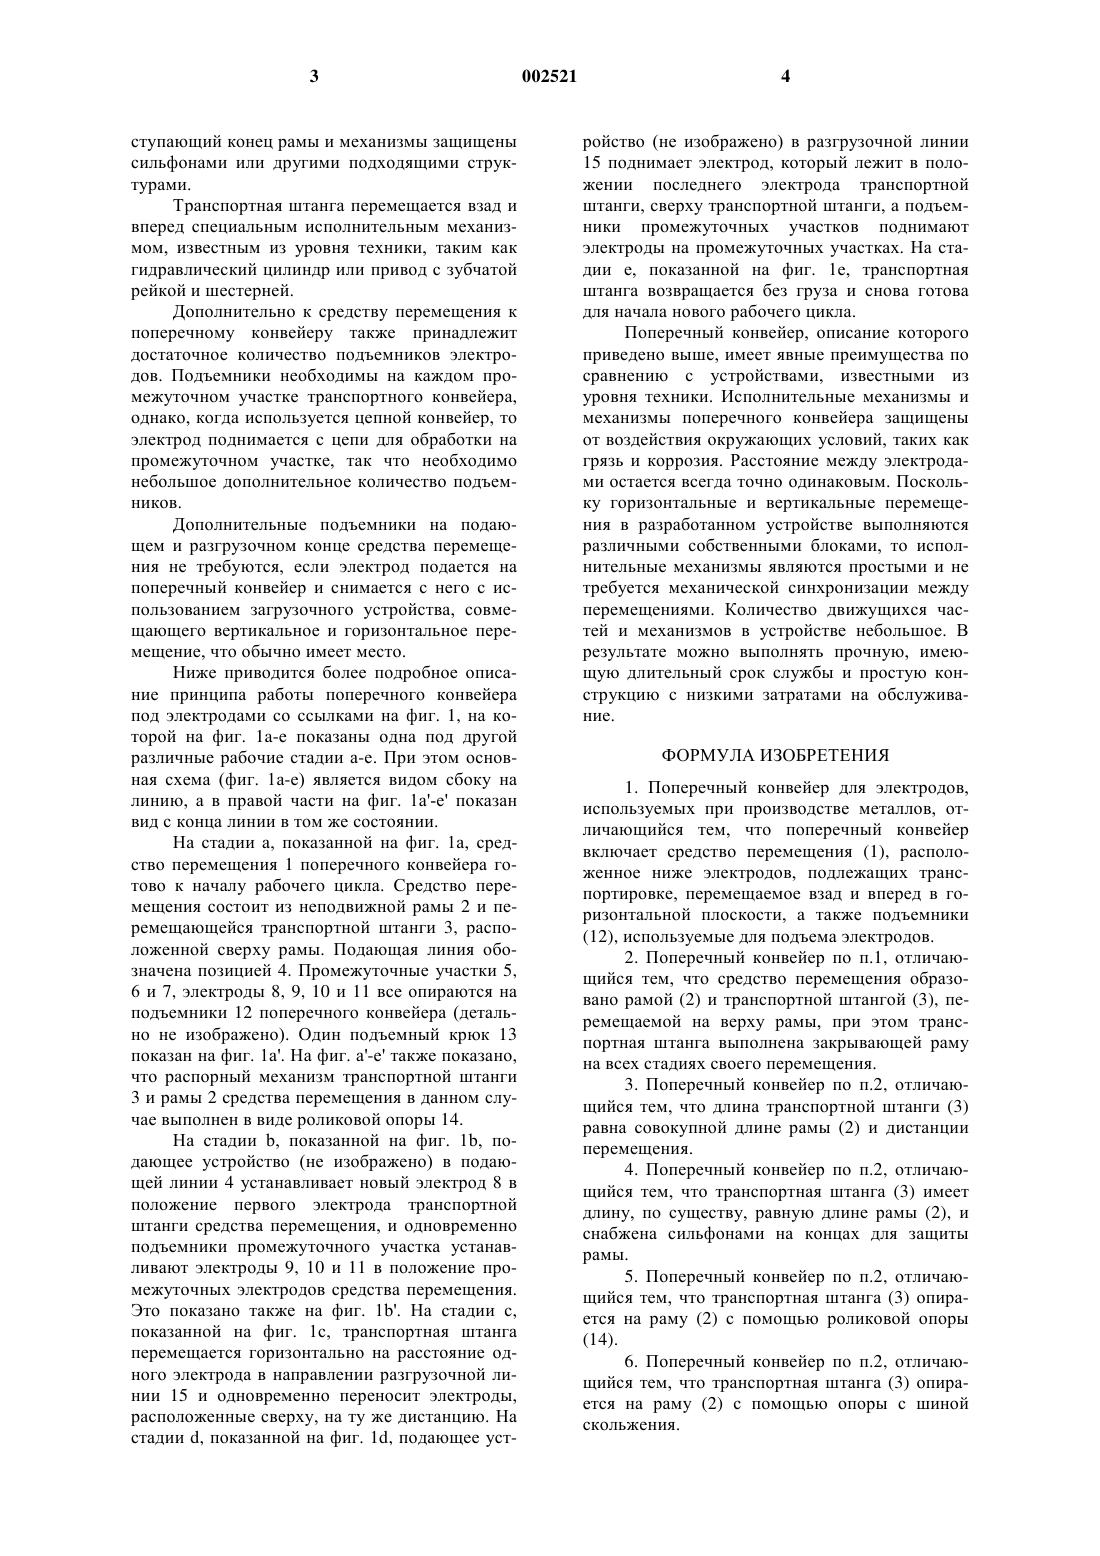 Скачать текст конвейер псковская область элеваторы